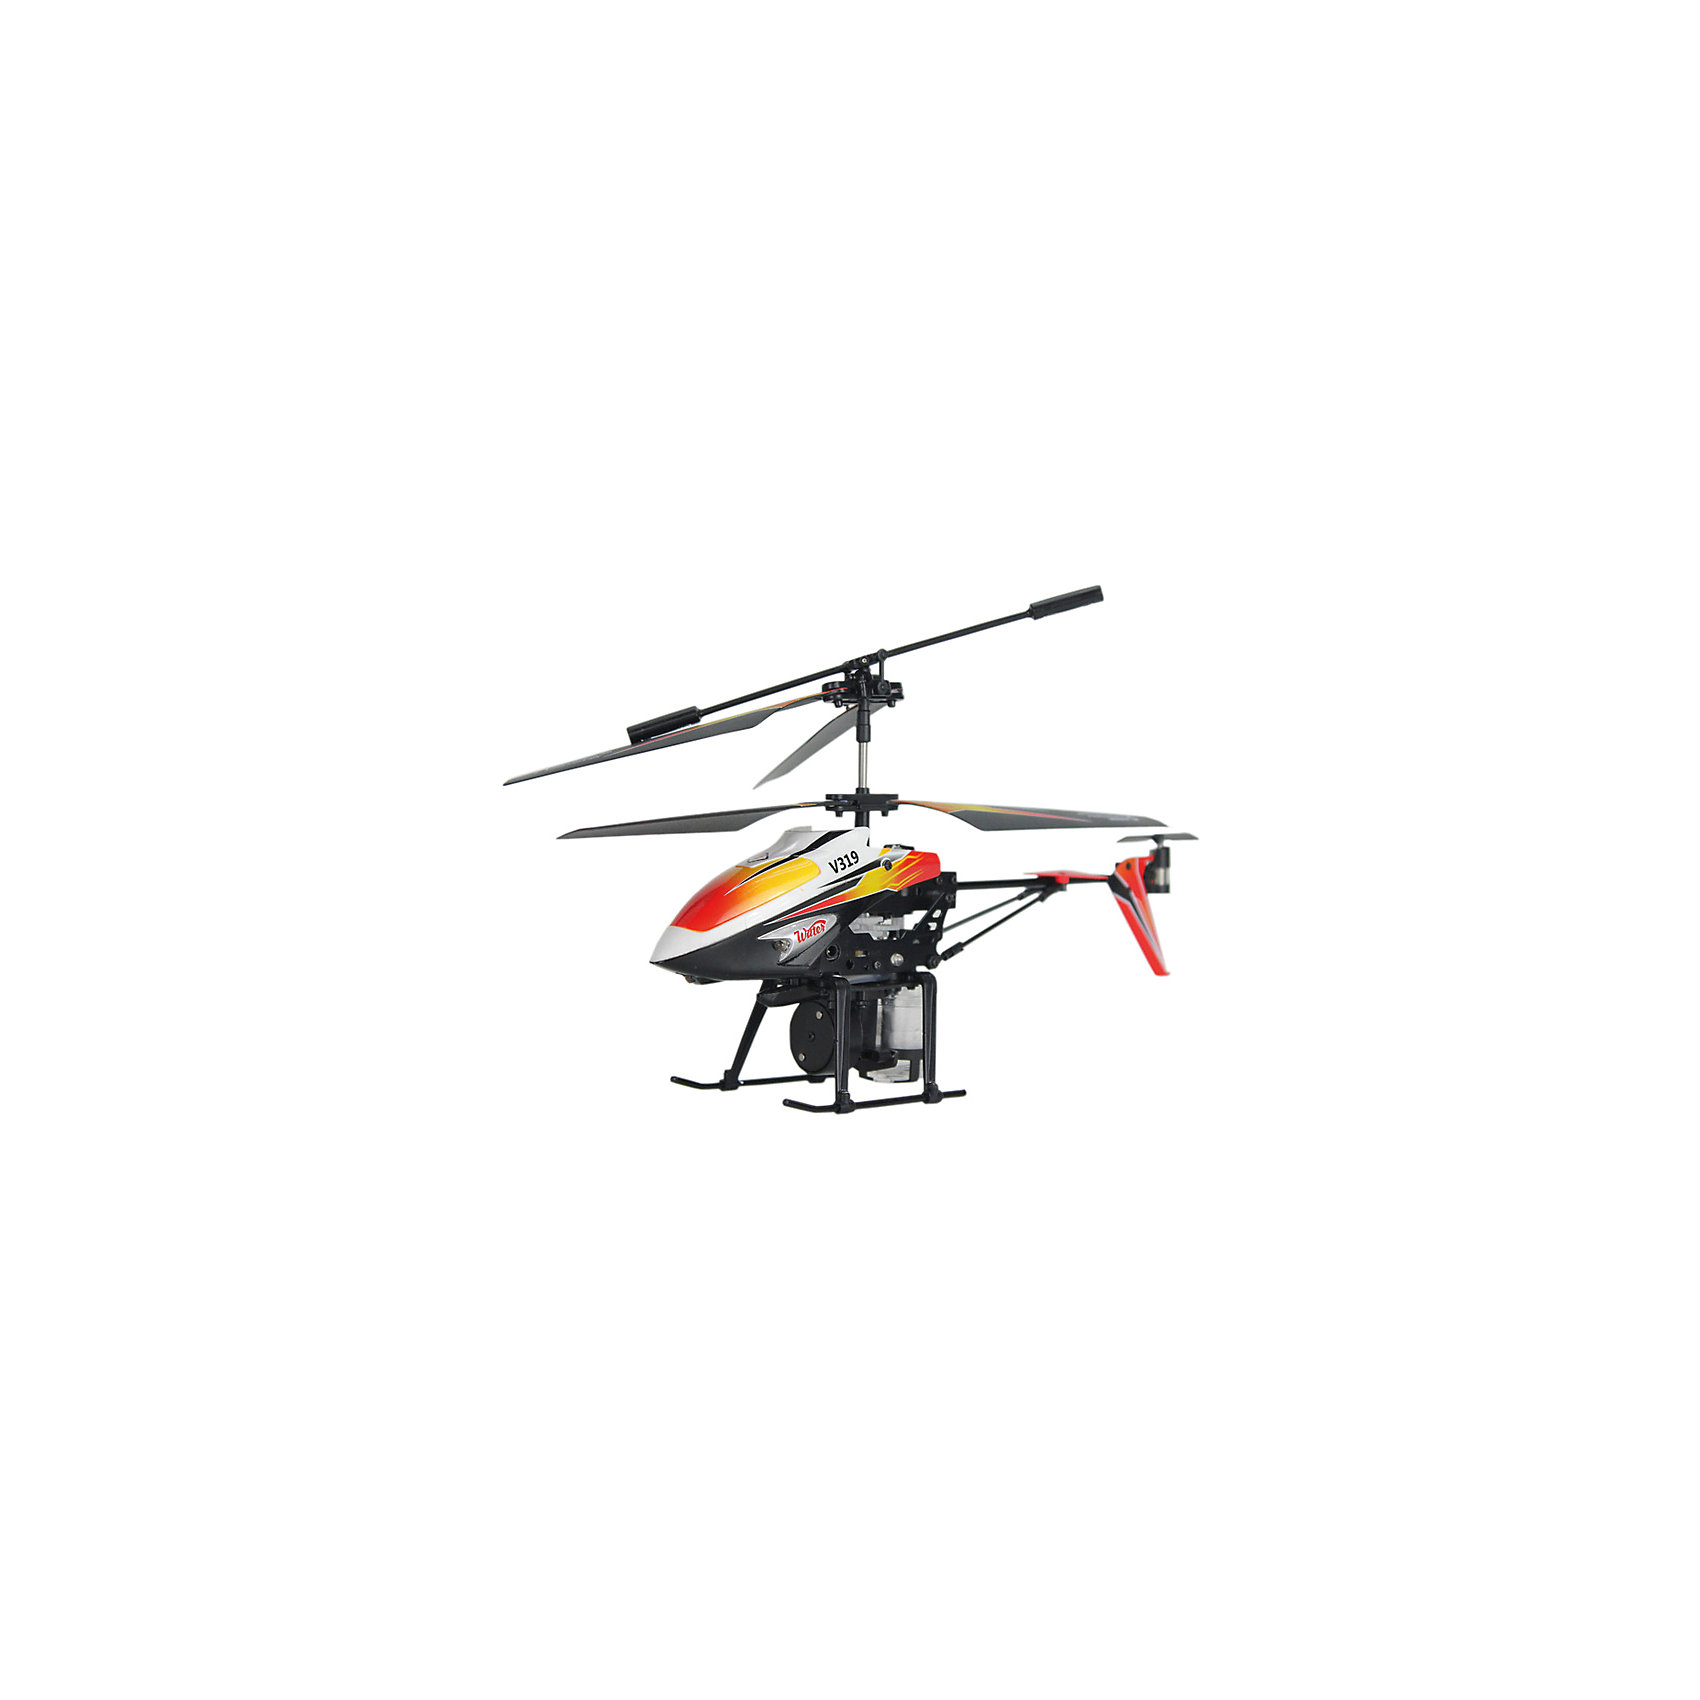 Радиоуправляемый вертолет, 3,5 канала, с гироскопом, с функцией распыления воды, ABtoysСамолёты и вертолёты<br>Вертолет р/у 3,5 канала, с гироскопом, с функцией распыления воды, в коробке, 33,5х9х28,5см<br><br>Ширина мм: 335<br>Глубина мм: 90<br>Высота мм: 285<br>Вес г: 611<br>Возраст от месяцев: 36<br>Возраст до месяцев: 192<br>Пол: Мужской<br>Возраст: Детский<br>SKU: 5500906